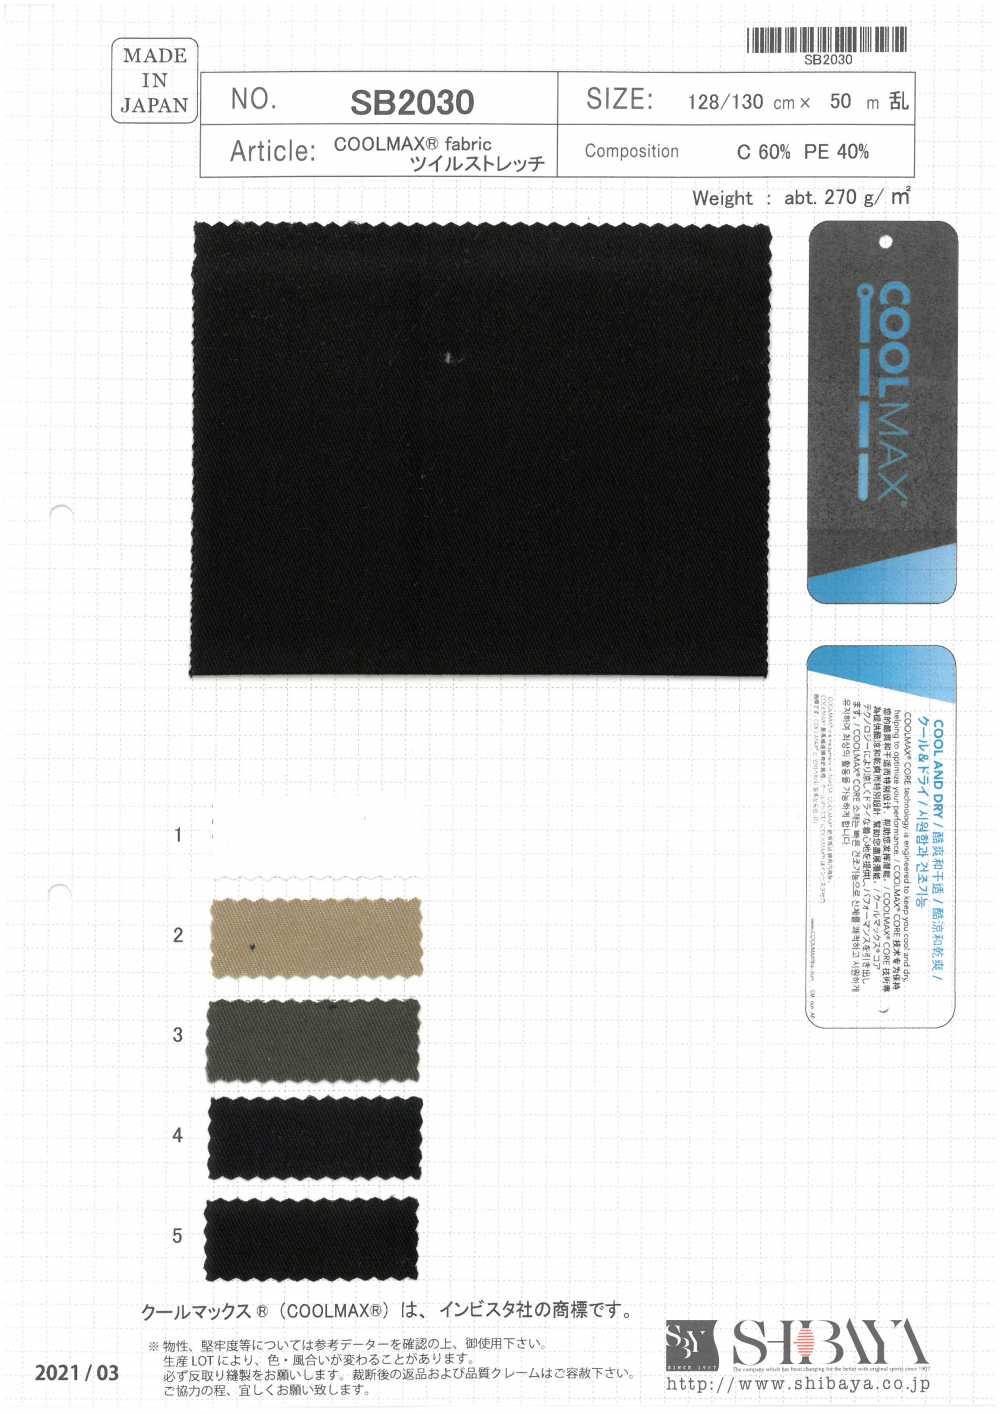 SB2030 COOLMAX ALL fabric ツイルストレッチ[生地] 柴屋/オークラ商事 - ApparelX アパレル資材卸通販